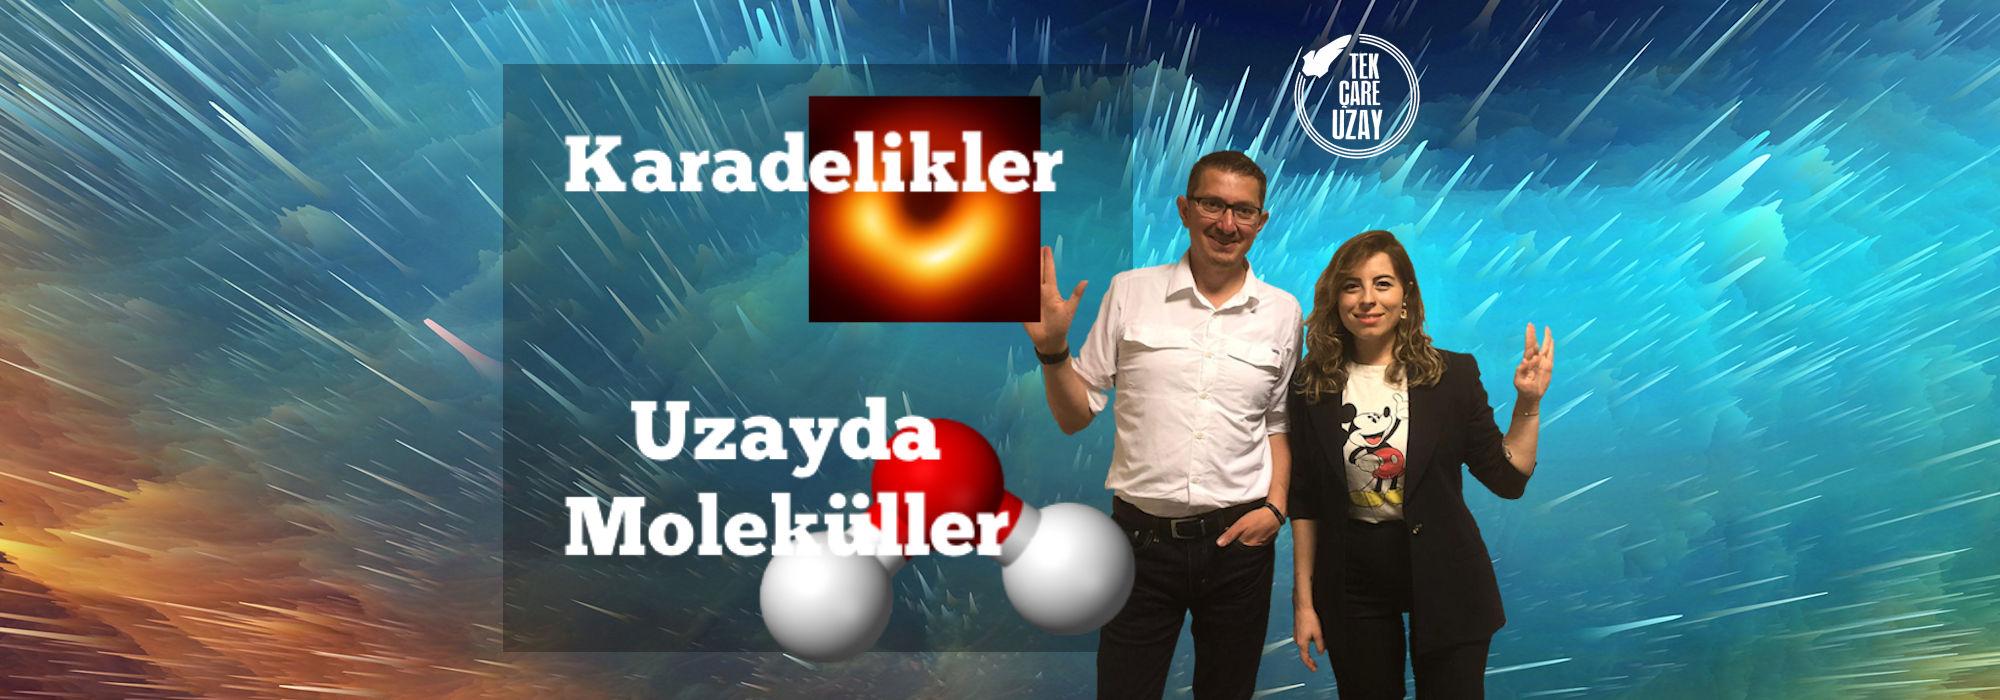 Tek Çare Uzay | Karadelikler nasıl oluşur, Uzayda Moleküller nasıl gözlenir